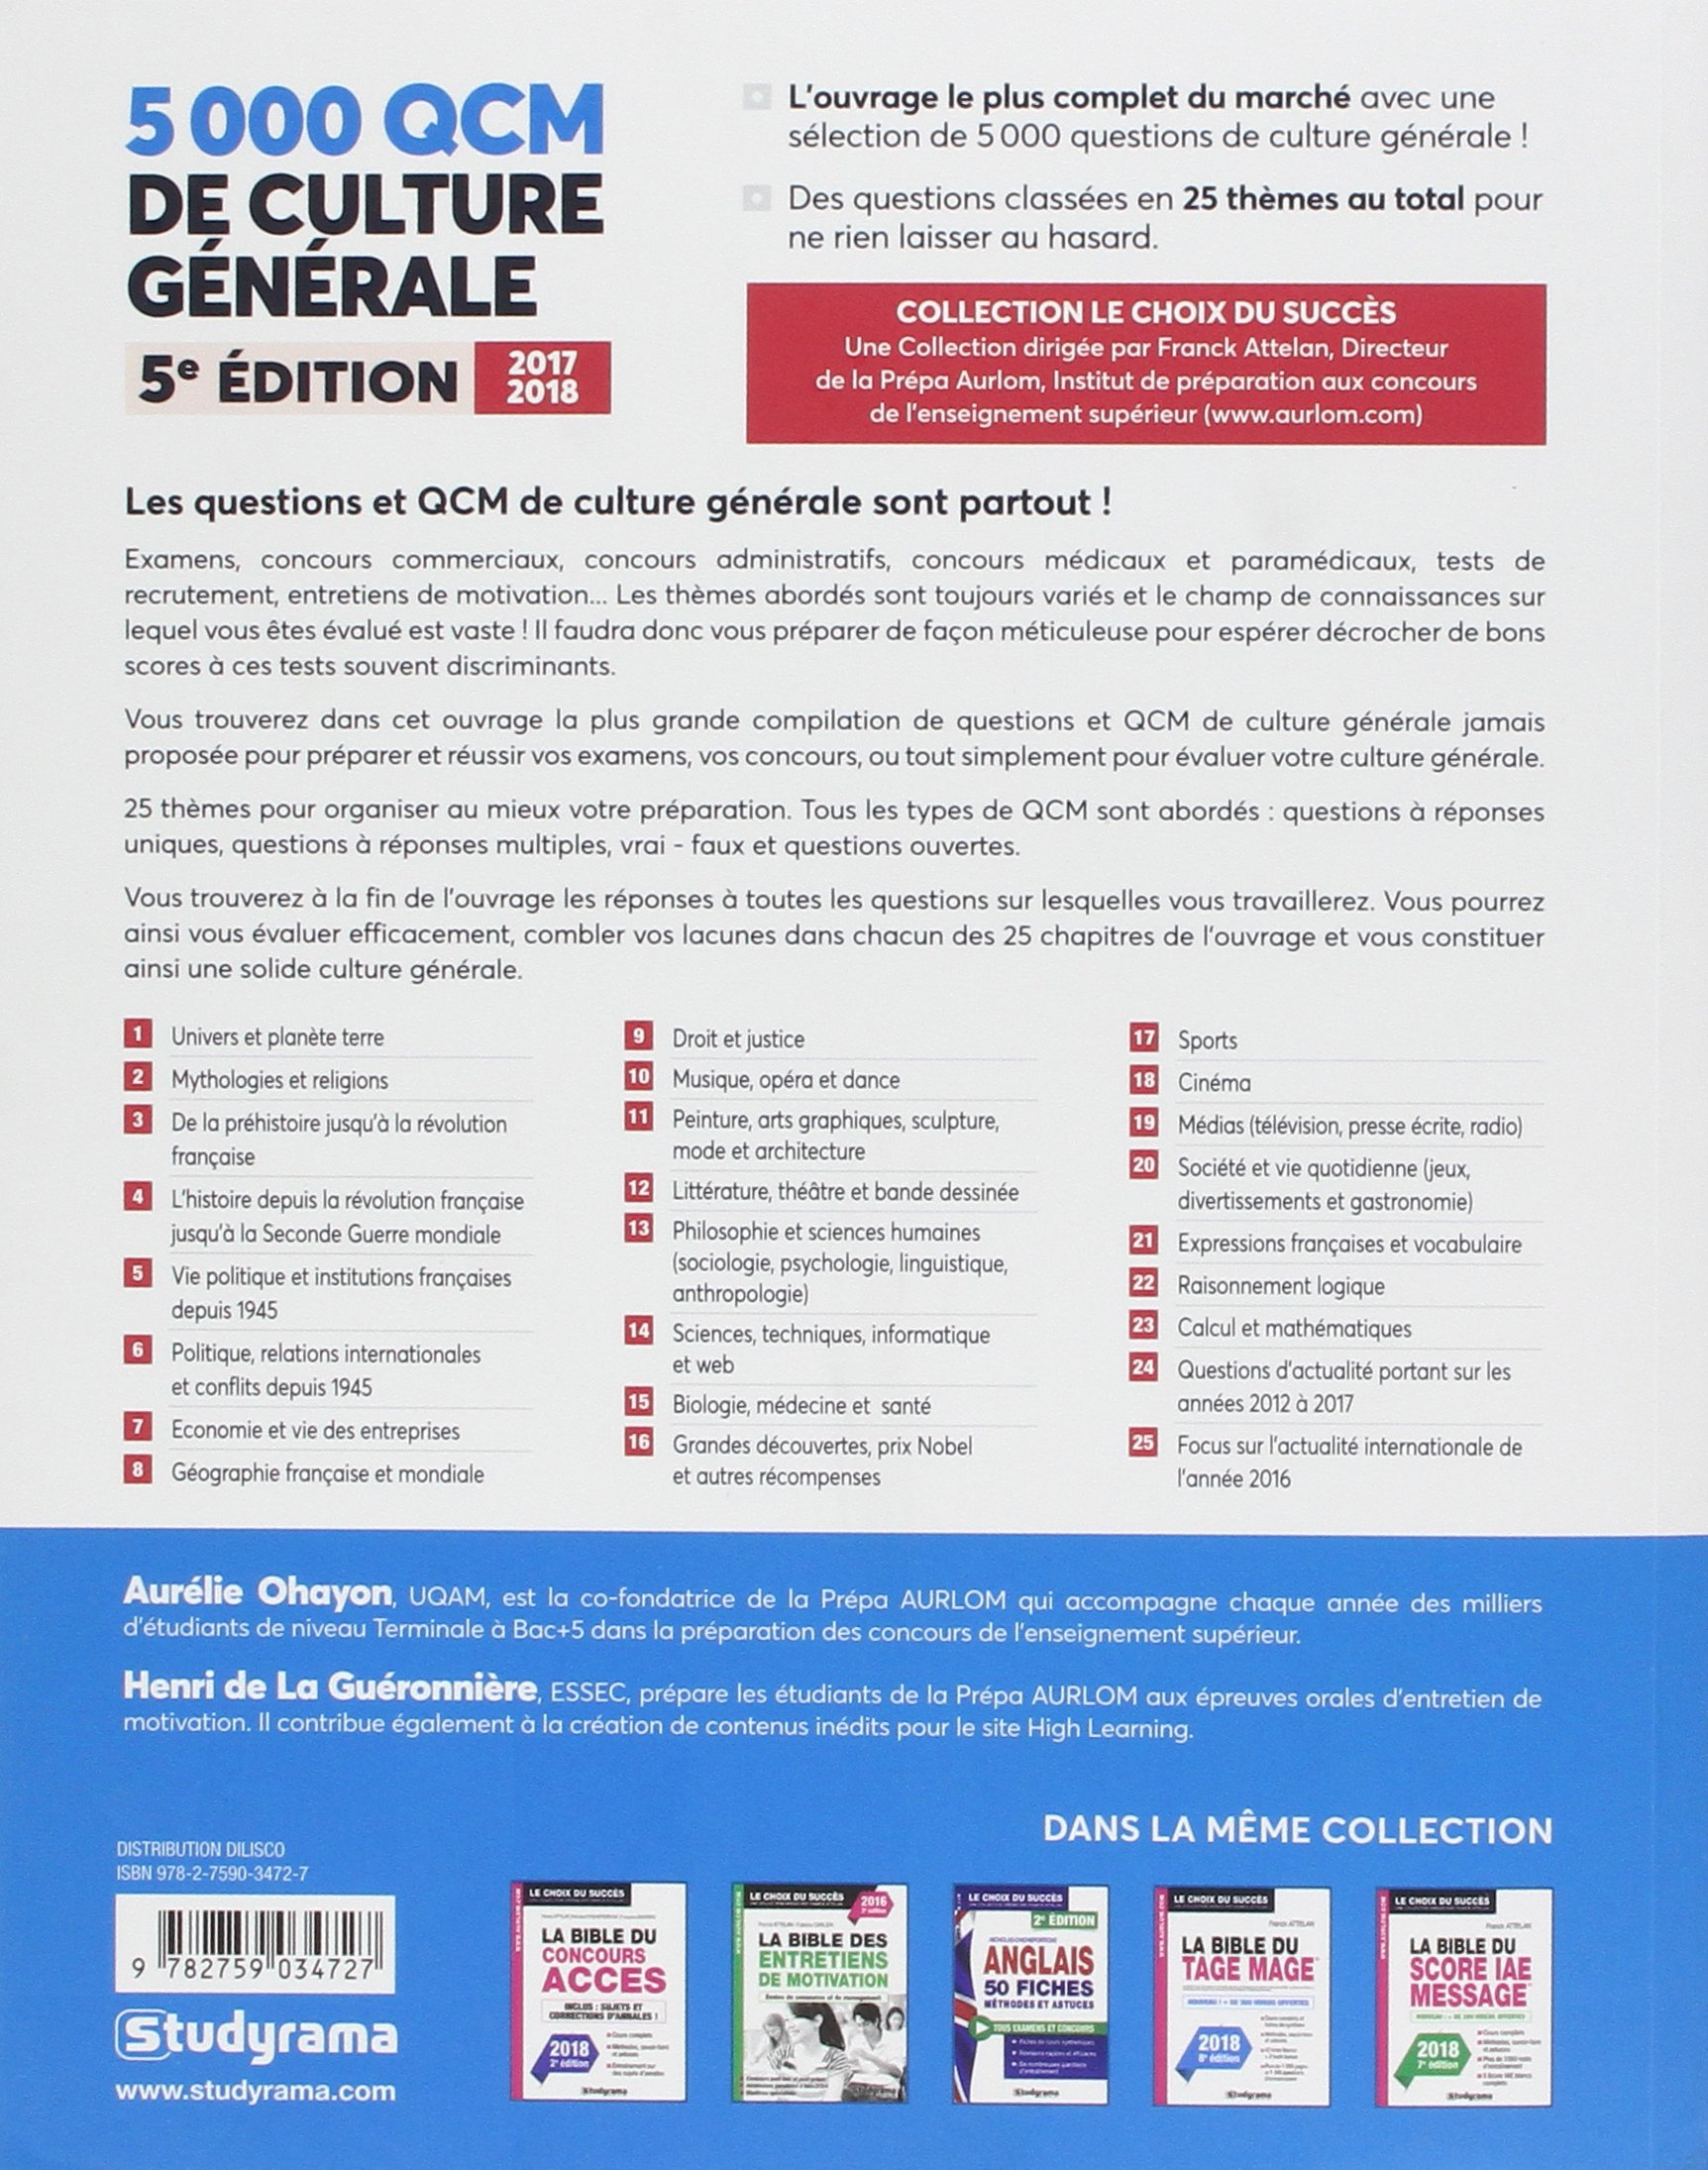 Culture générale web et informatique